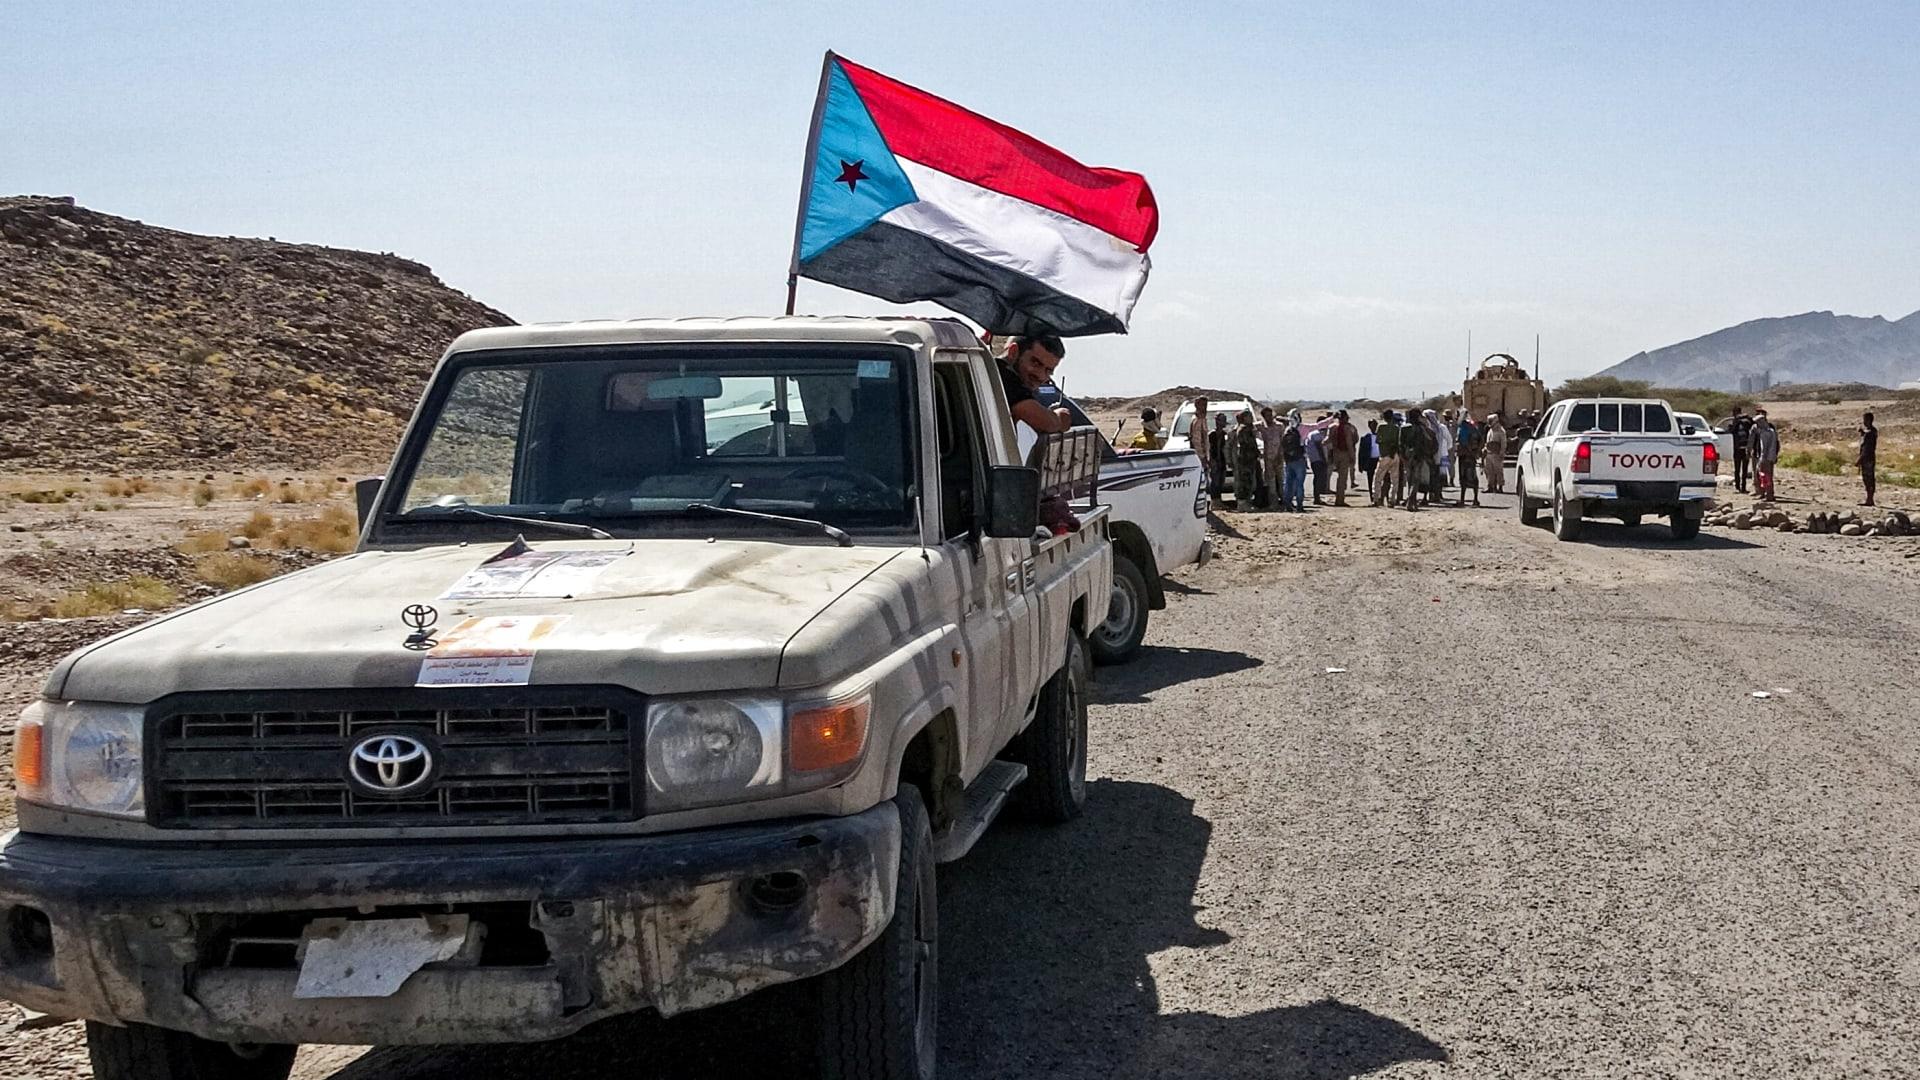 مصدر لـCNN: إطلاق سراح صحفي يمني بعد طلب إدارة بايدن تدخل الإمارات